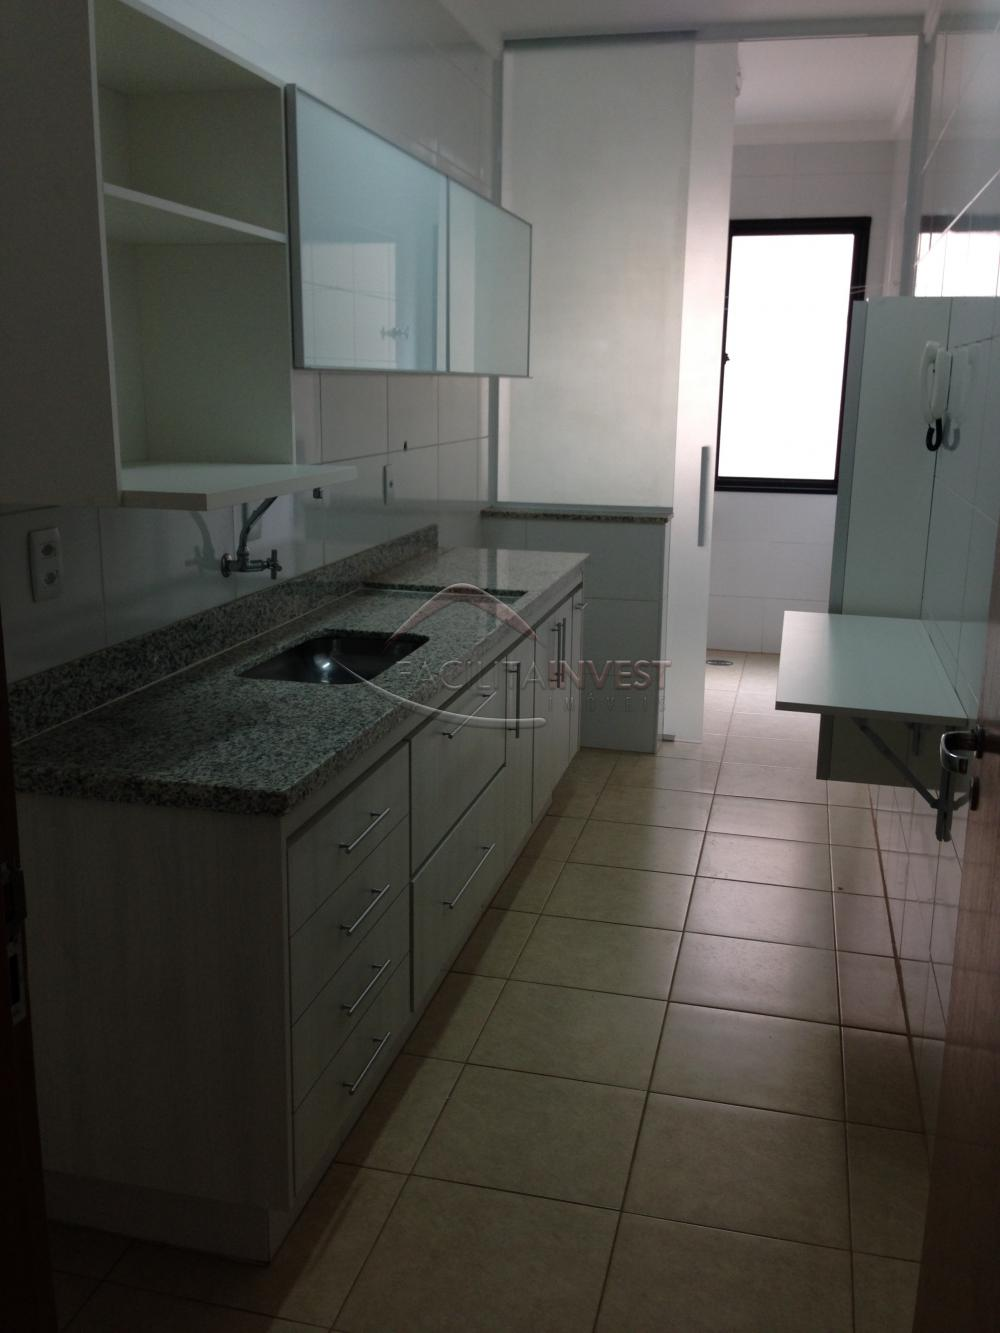 Alugar Apartamentos / Apart. Padrão em Ribeirão Preto apenas R$ 1.300,00 - Foto 8